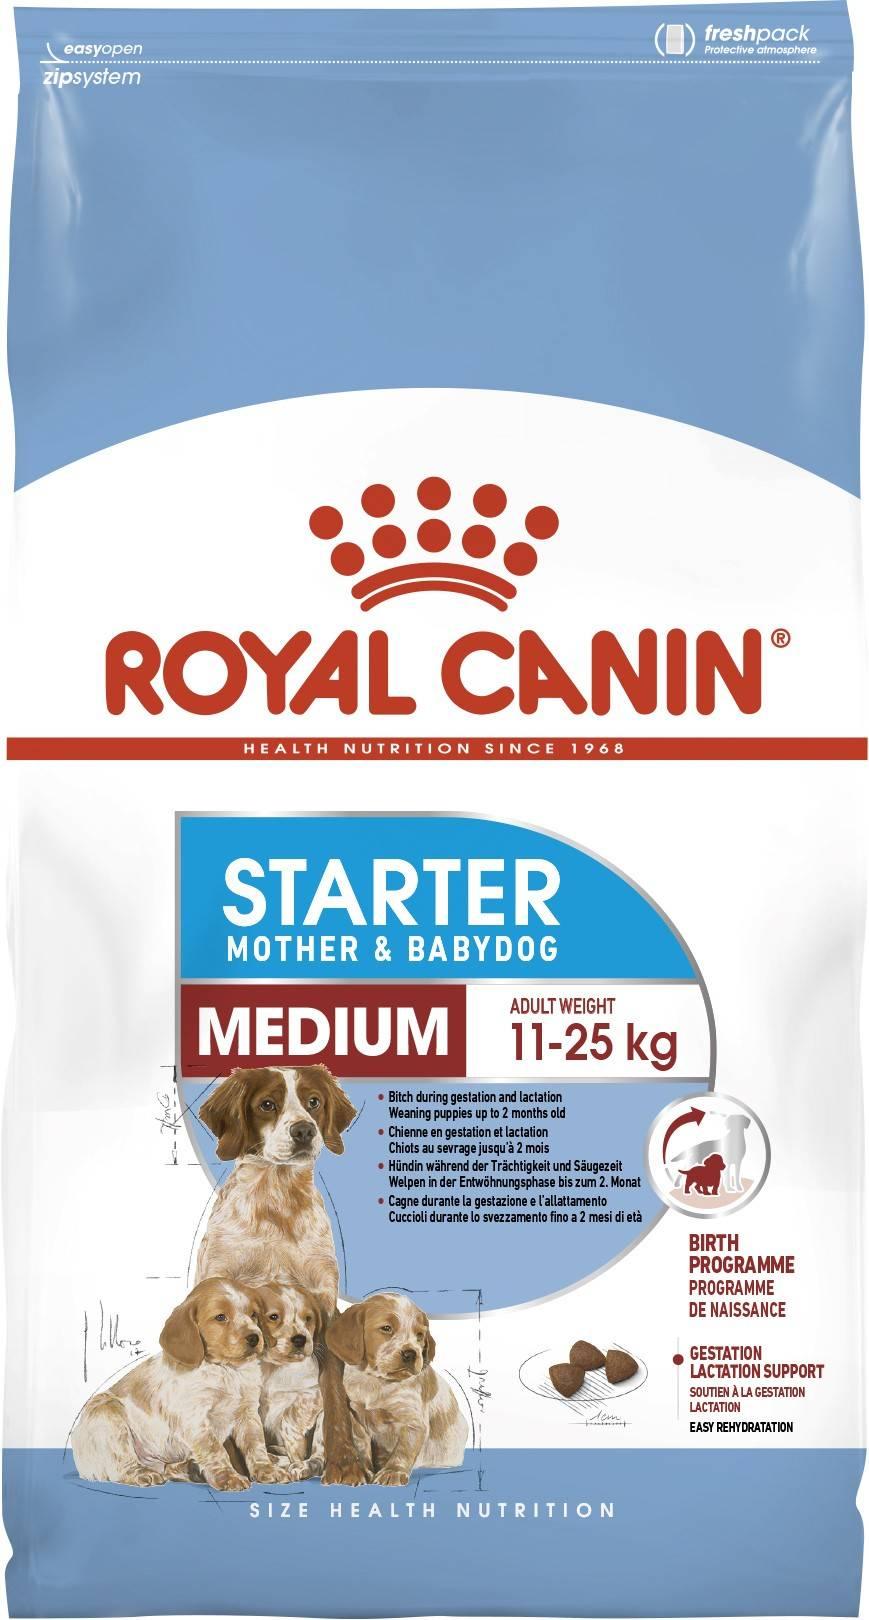 ROYAL CANIN MEDIUM STARTER MOTHER & BABYDOG – сухиой корм для щенков средних пород и сук в последний период беременности